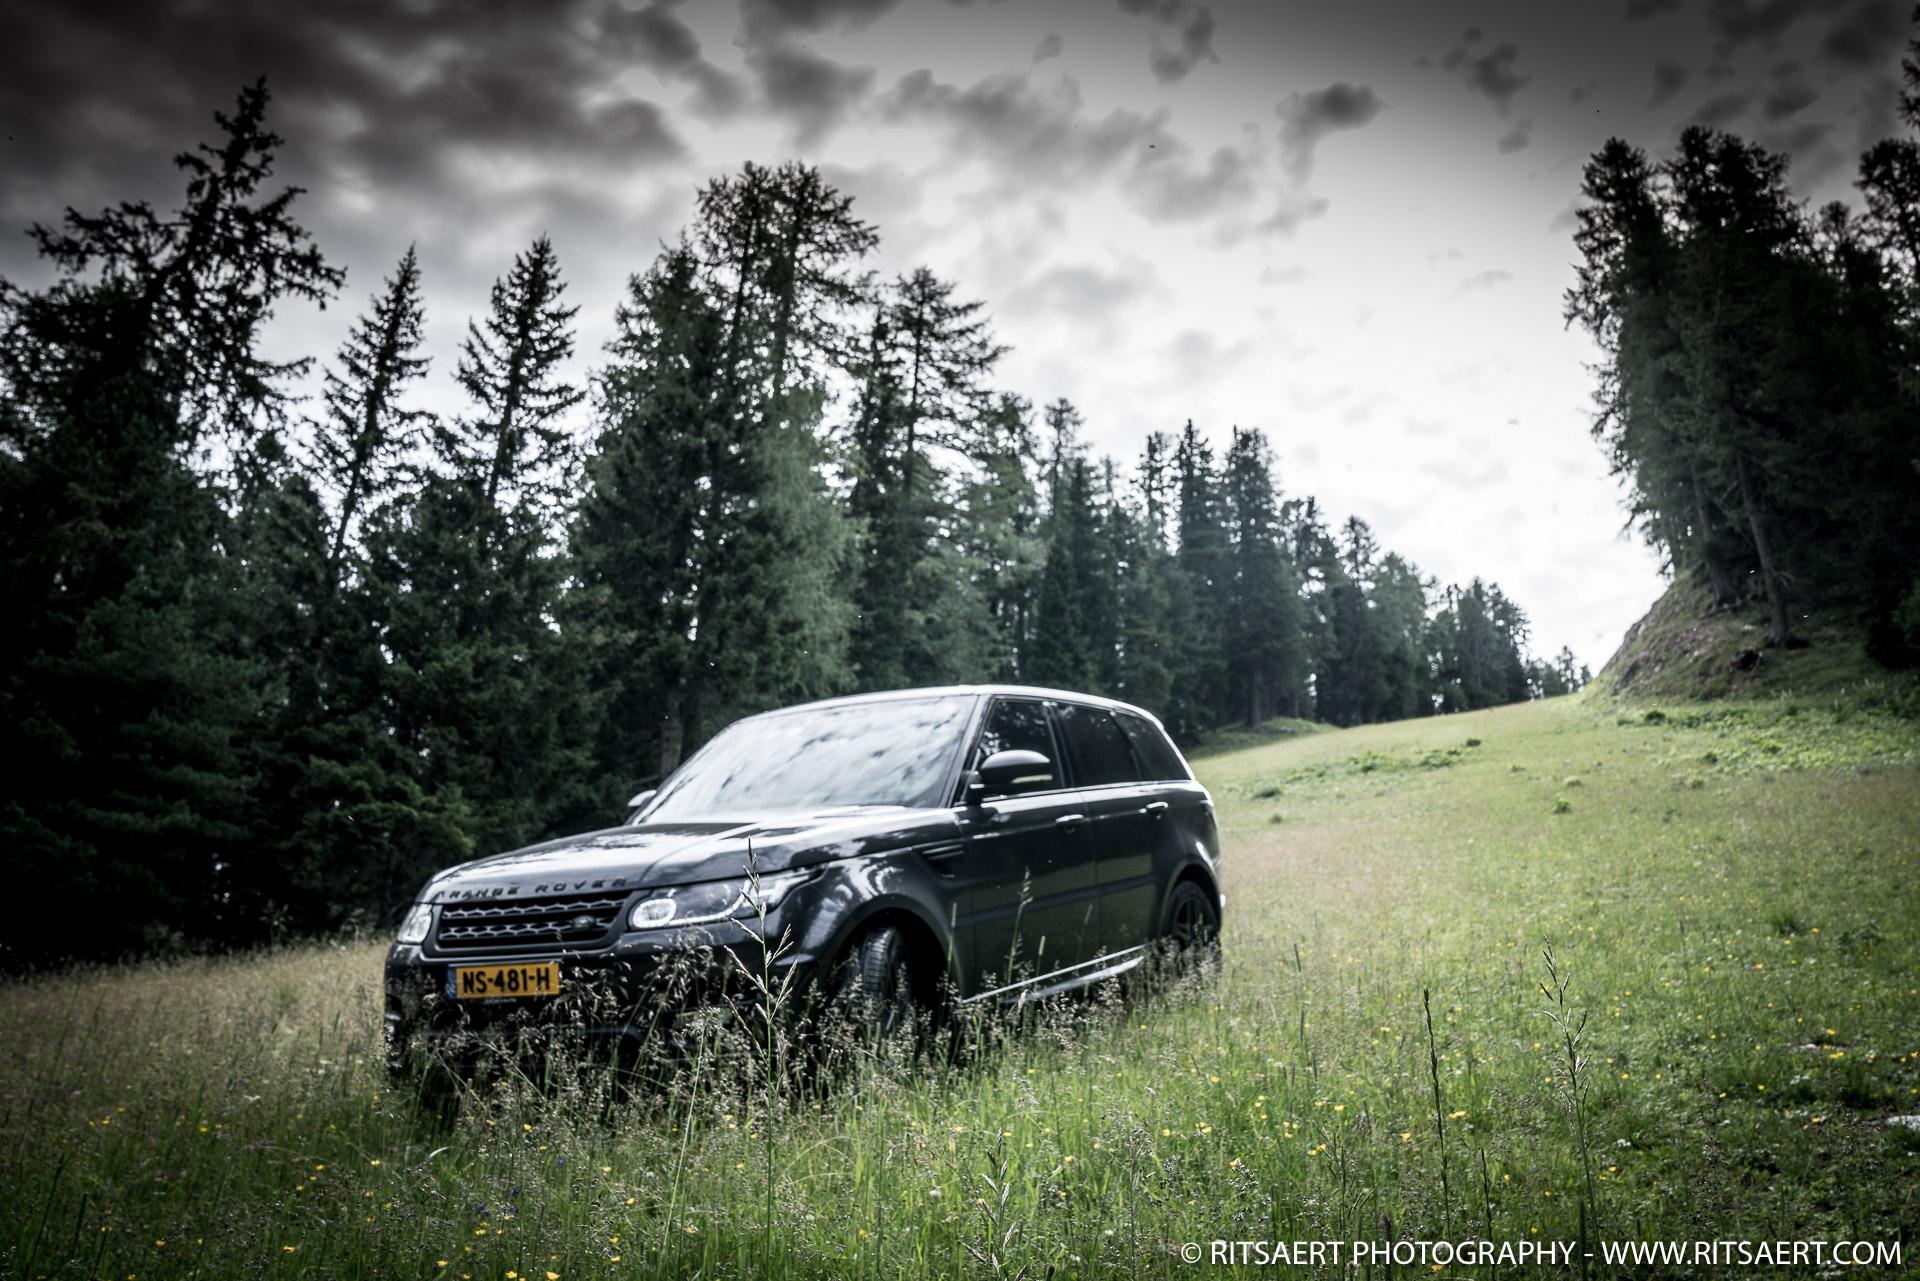 Range Rover Sport in natural habitat